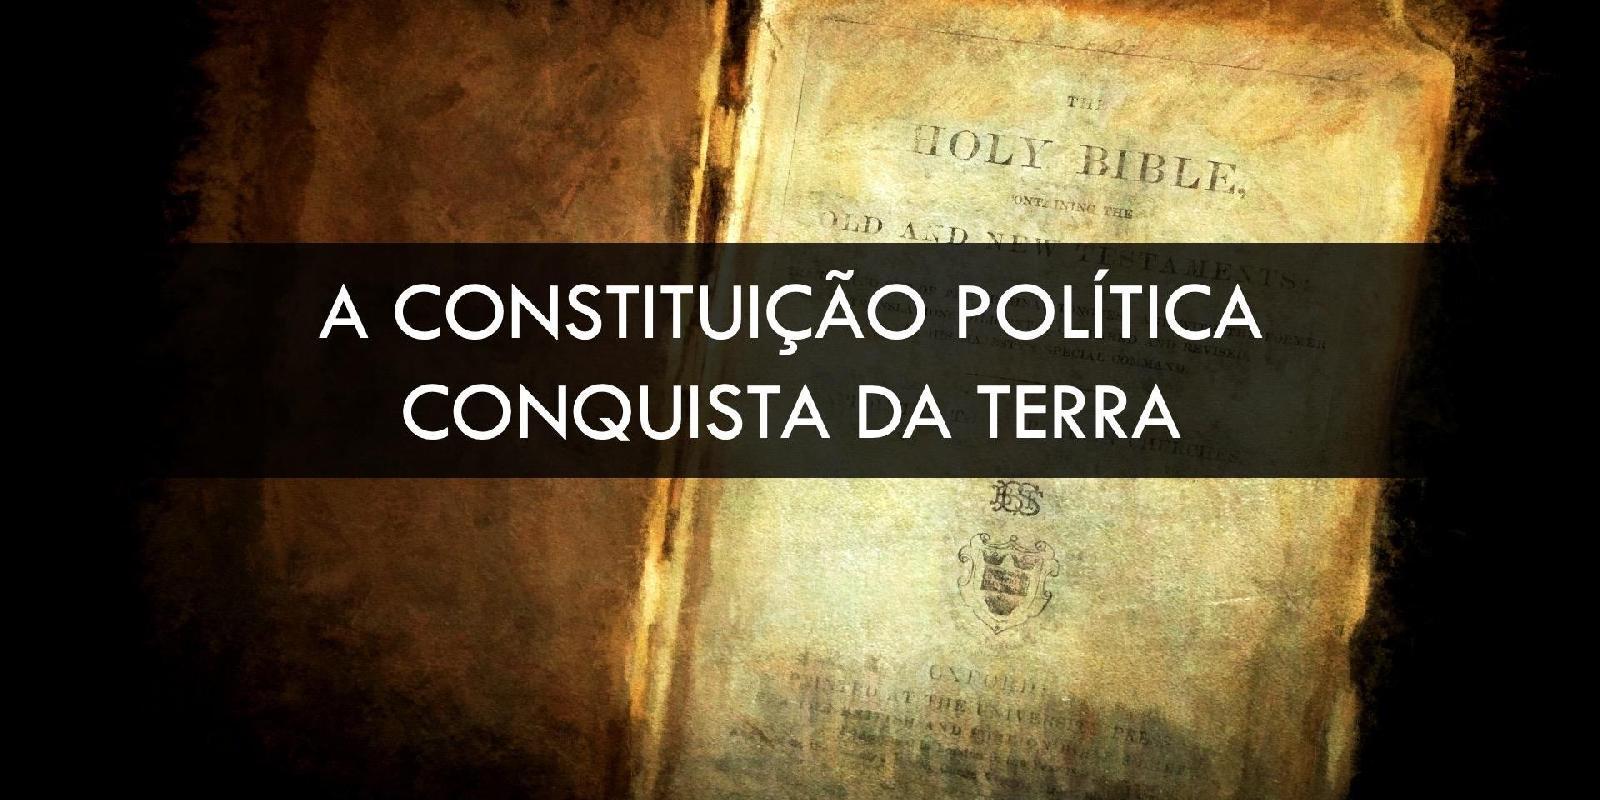 Constituição Política: A conquista da Terra